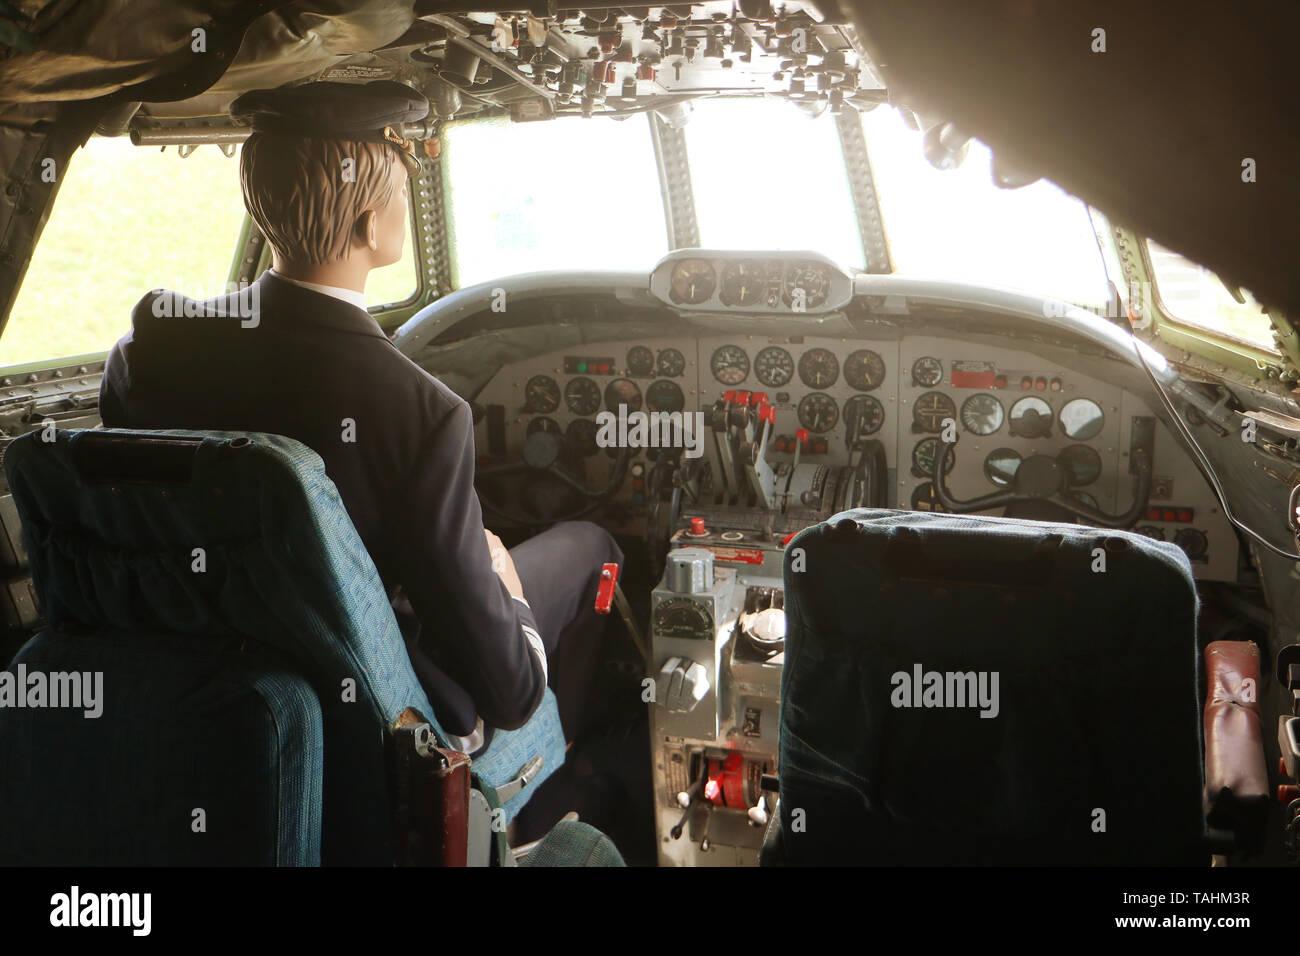 MUNICH, ALLEMAGNE - le 19 mai 2019 - le poste de pilotage (avec un mannequin conducteur) de l'Aéronefs historique le Lockheed L-1049 G Super Constellation de l'année 1955 Banque D'Images